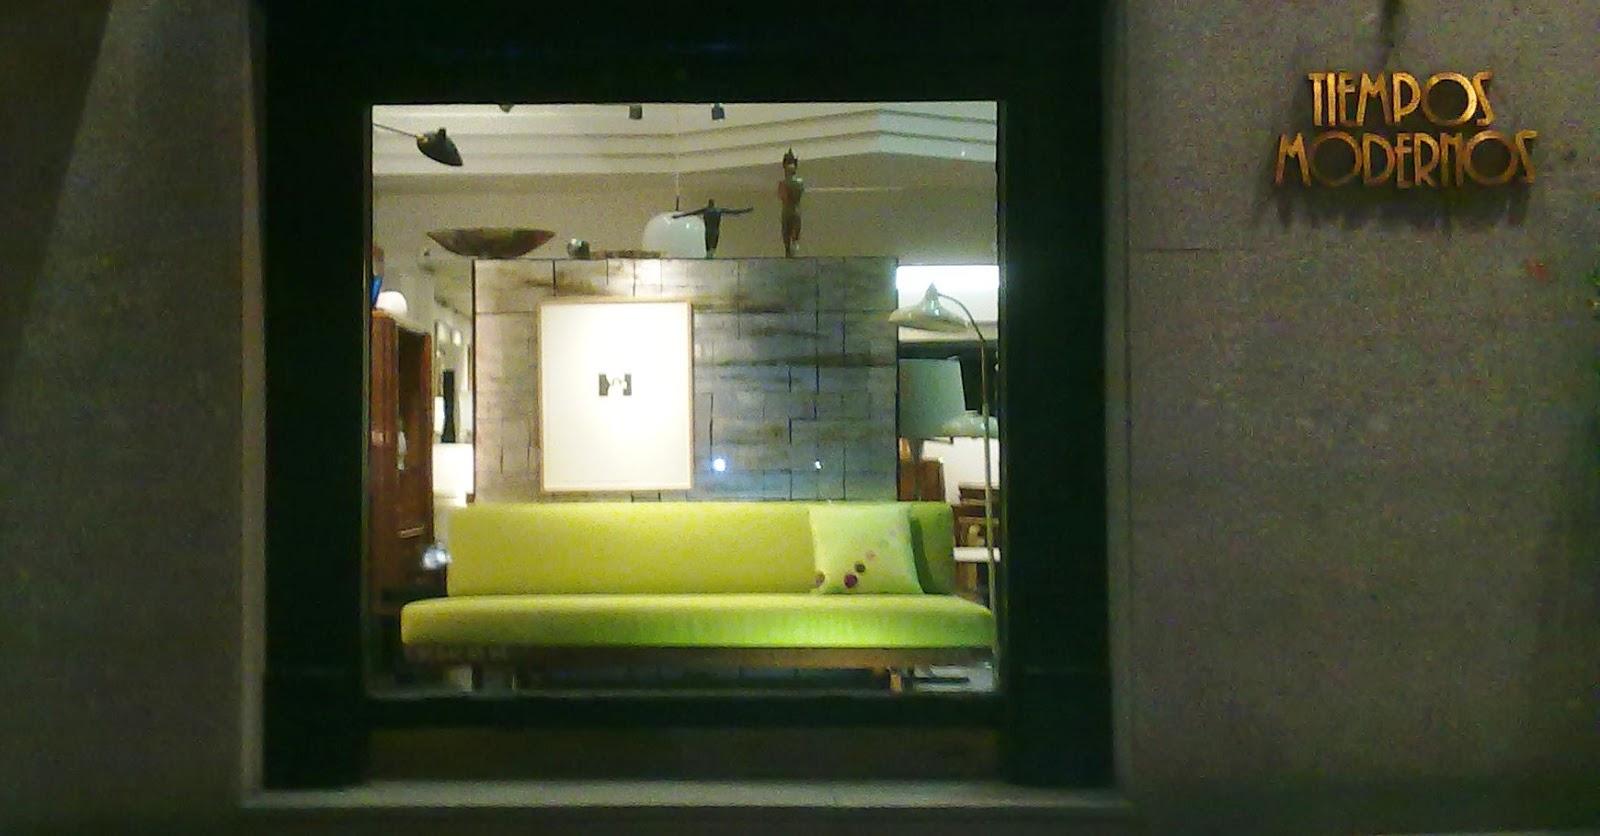 Pessoas en madrid tiempos modernos - Tiempos modernos muebles ...